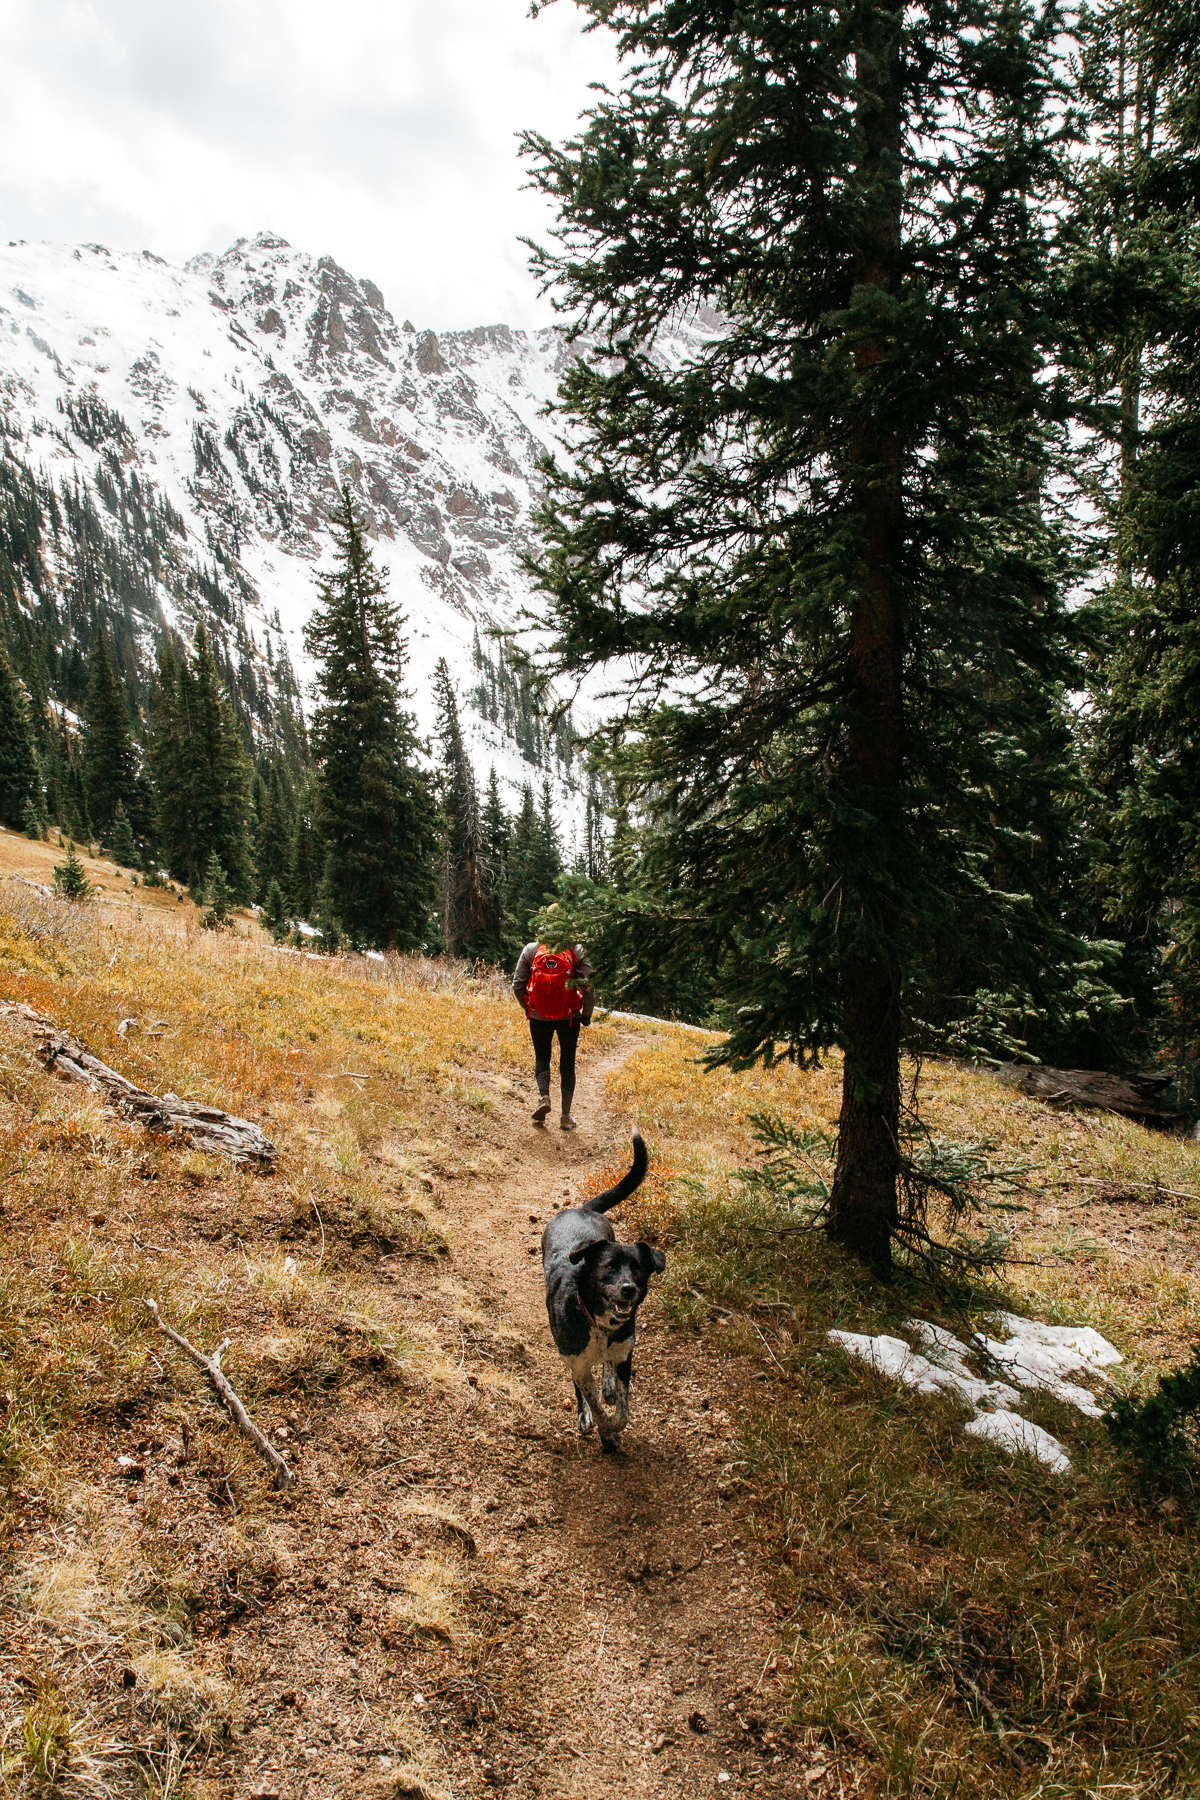 Colorado2017_RedBuffalo_0331.JPG